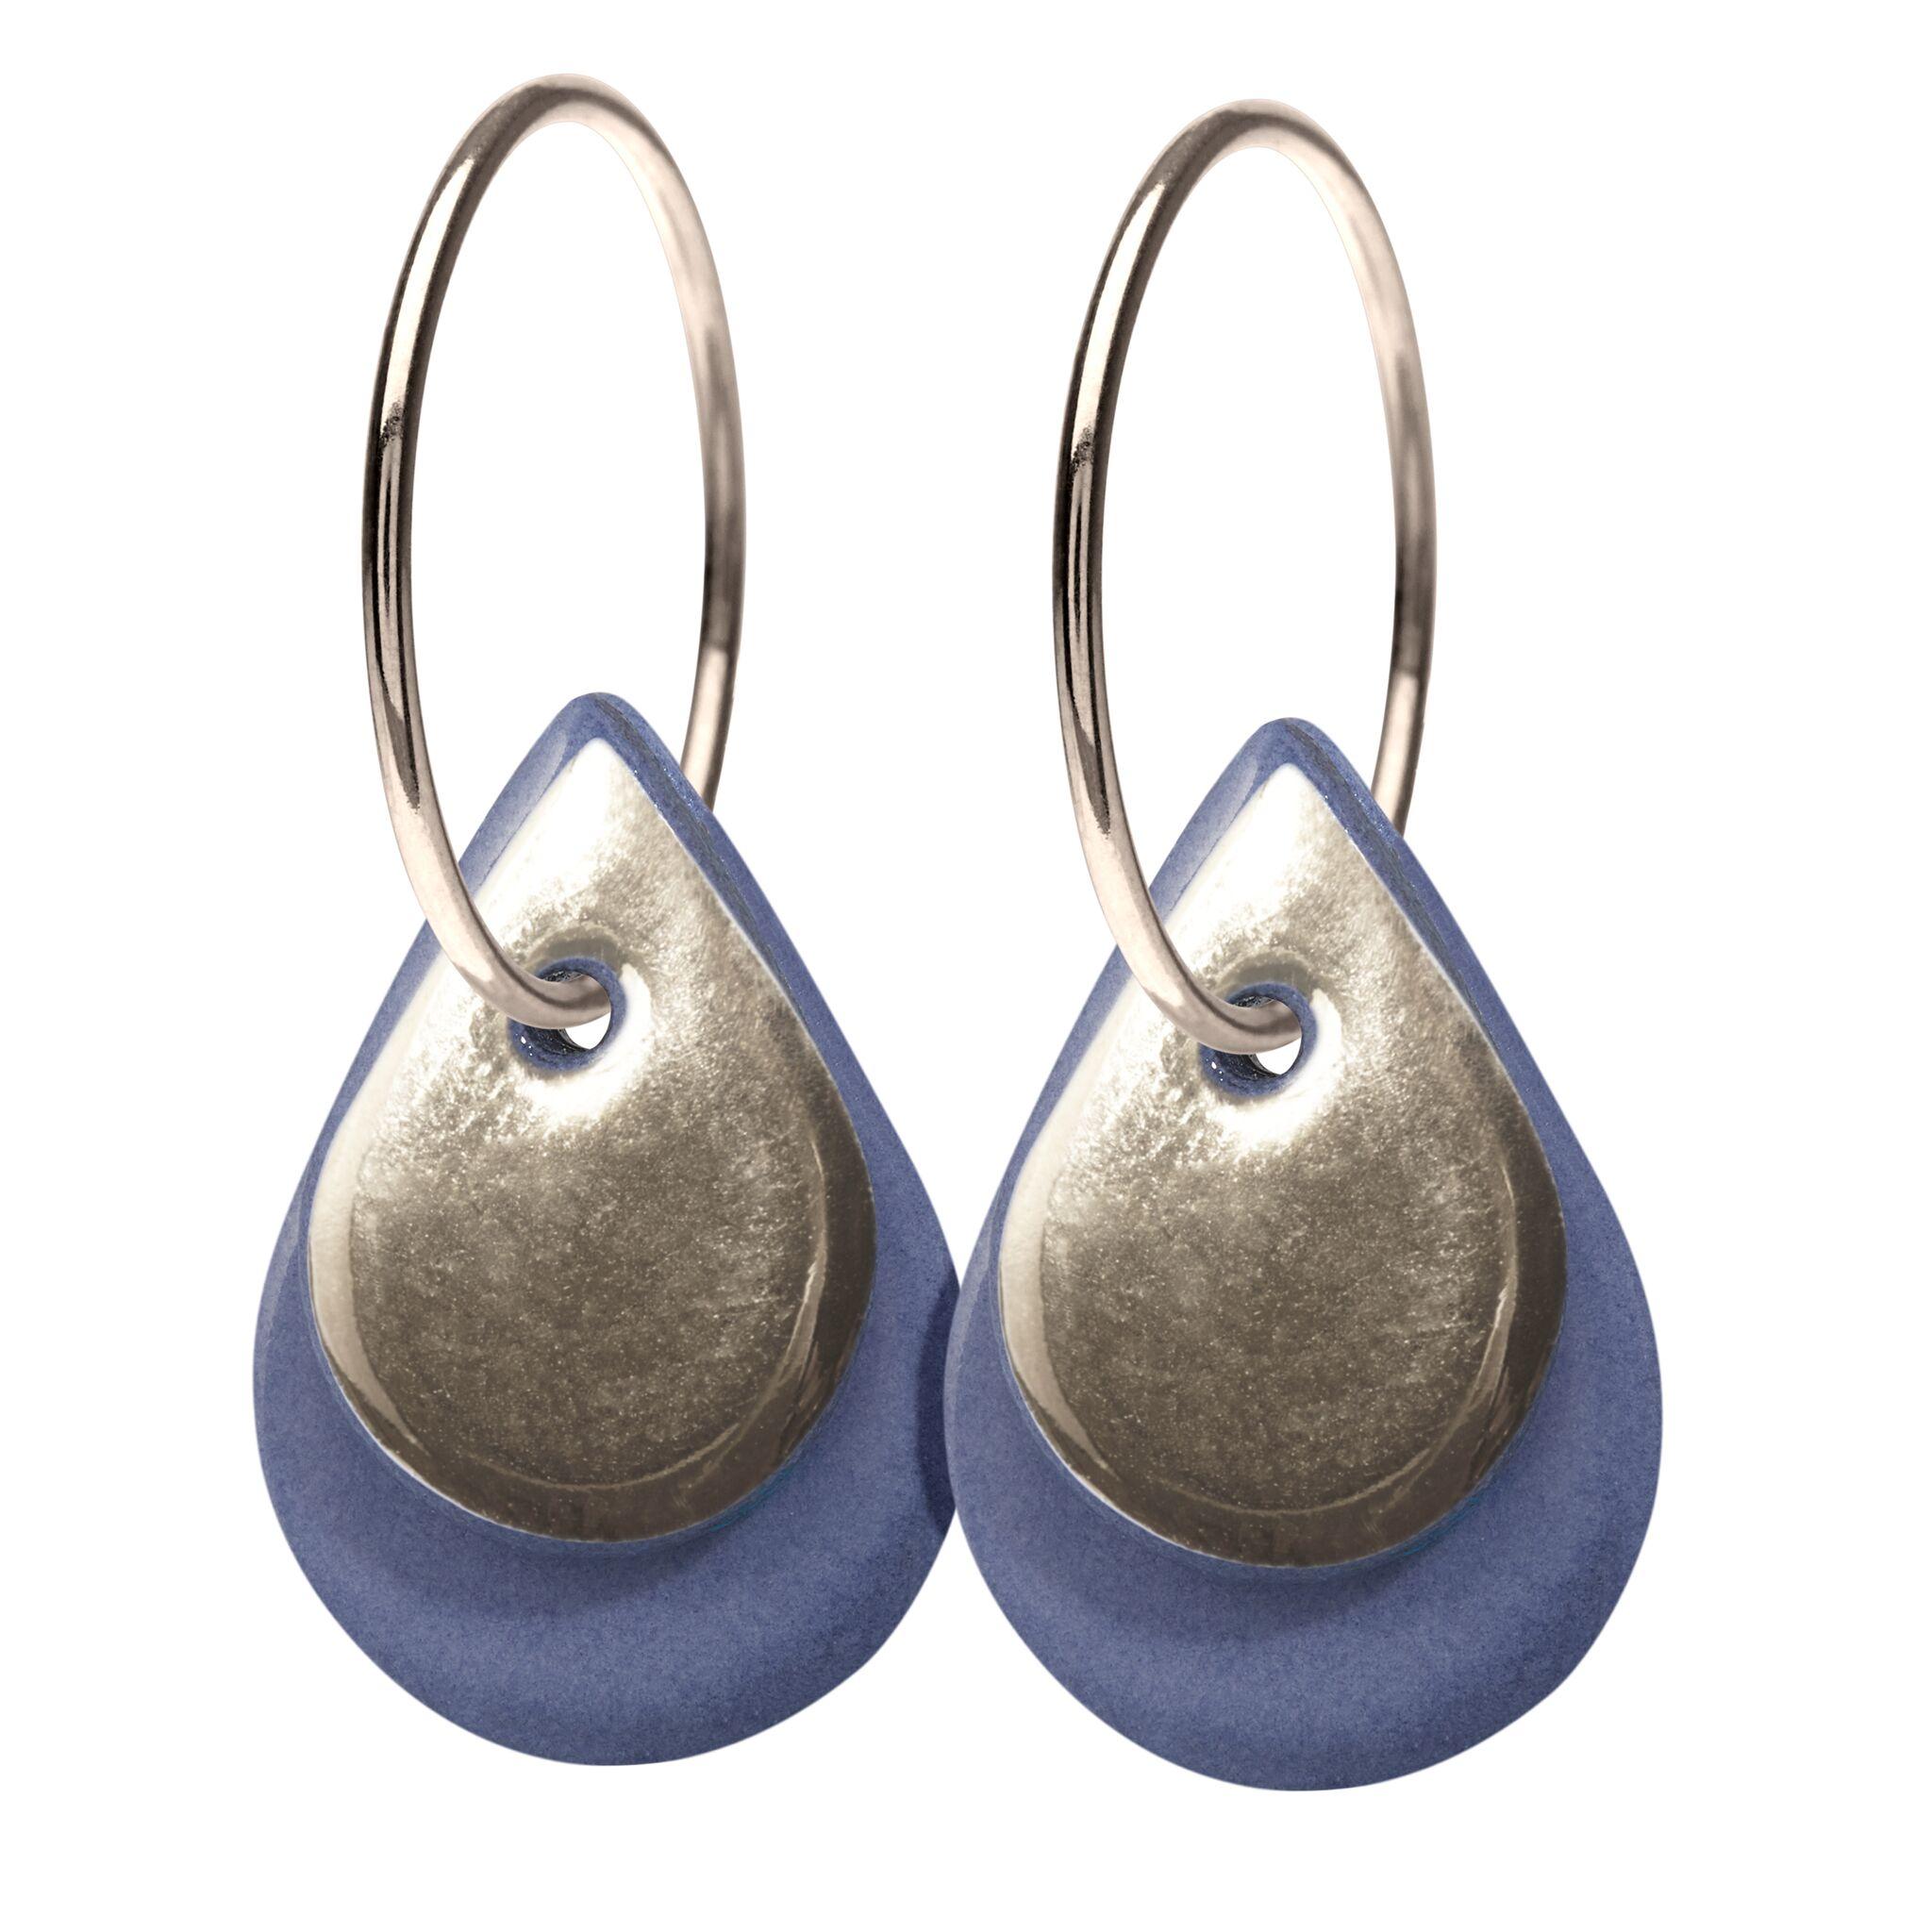 Scherning Halo Teardrop Lavender Sterling Sølv Øreringe med Porcelæn